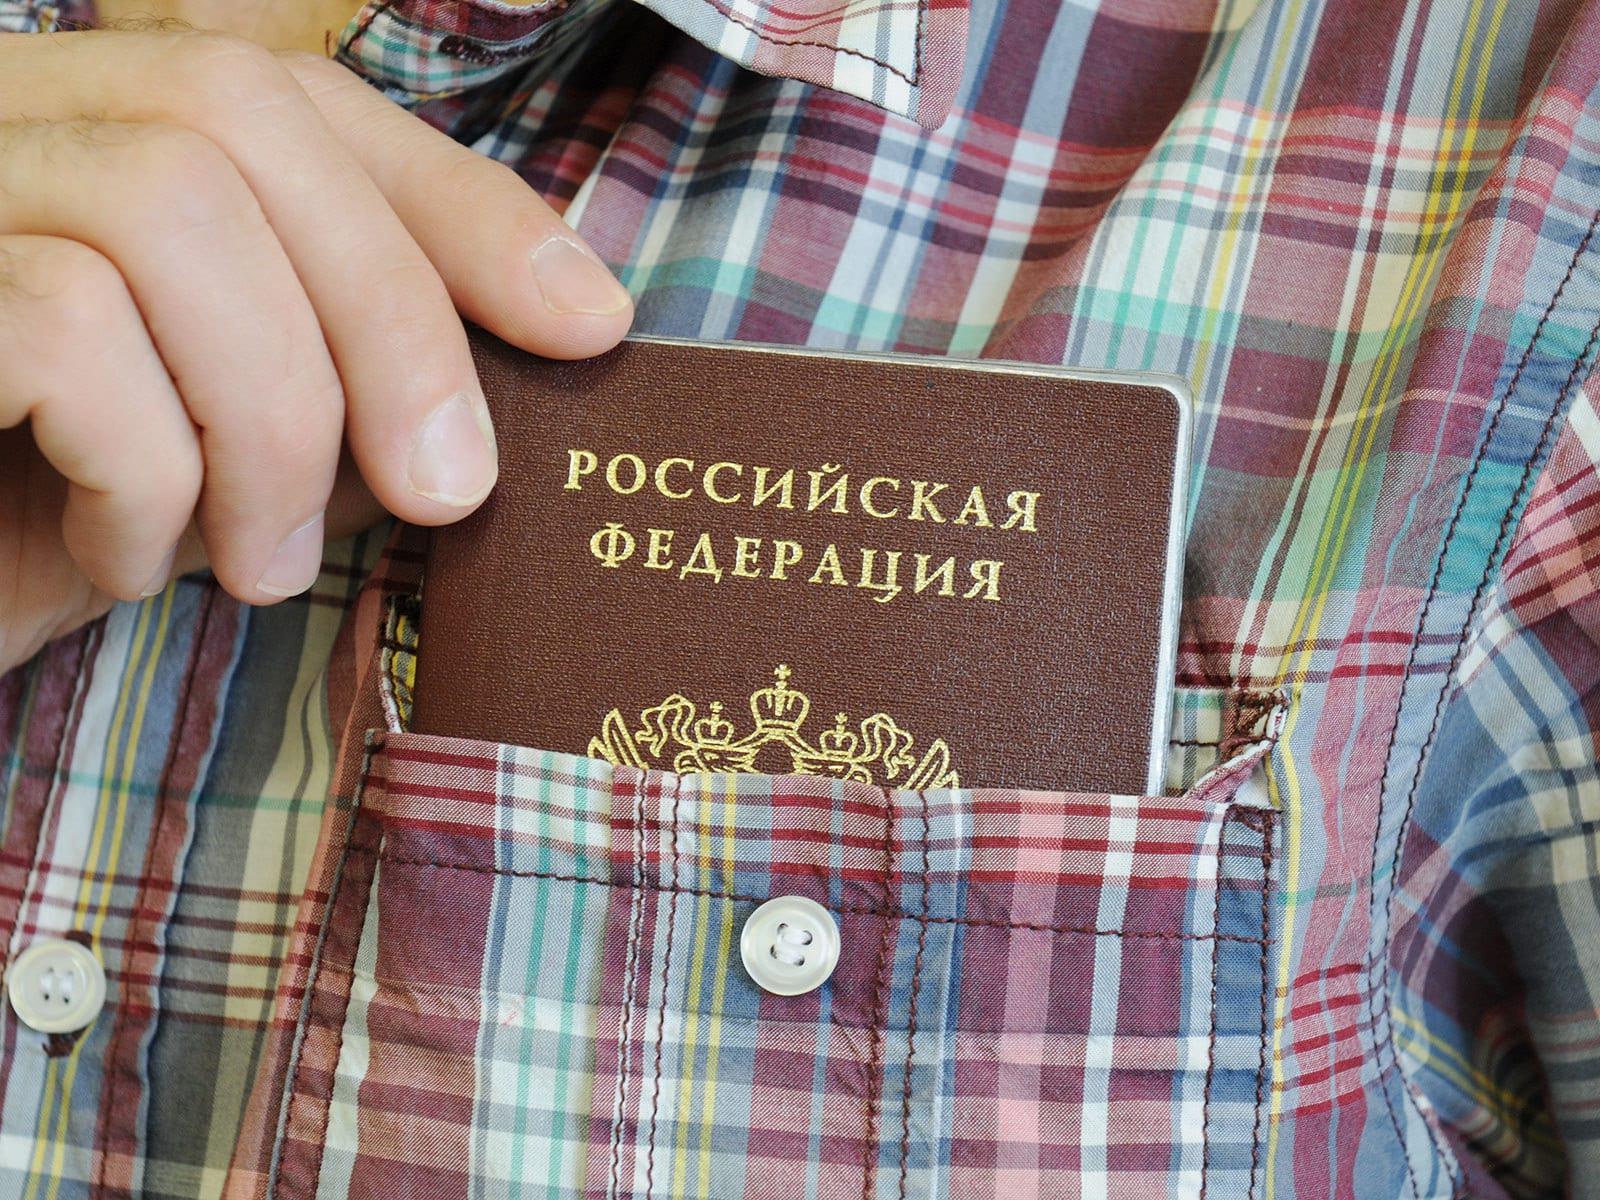 Заявление на замену паспорта по возрасту